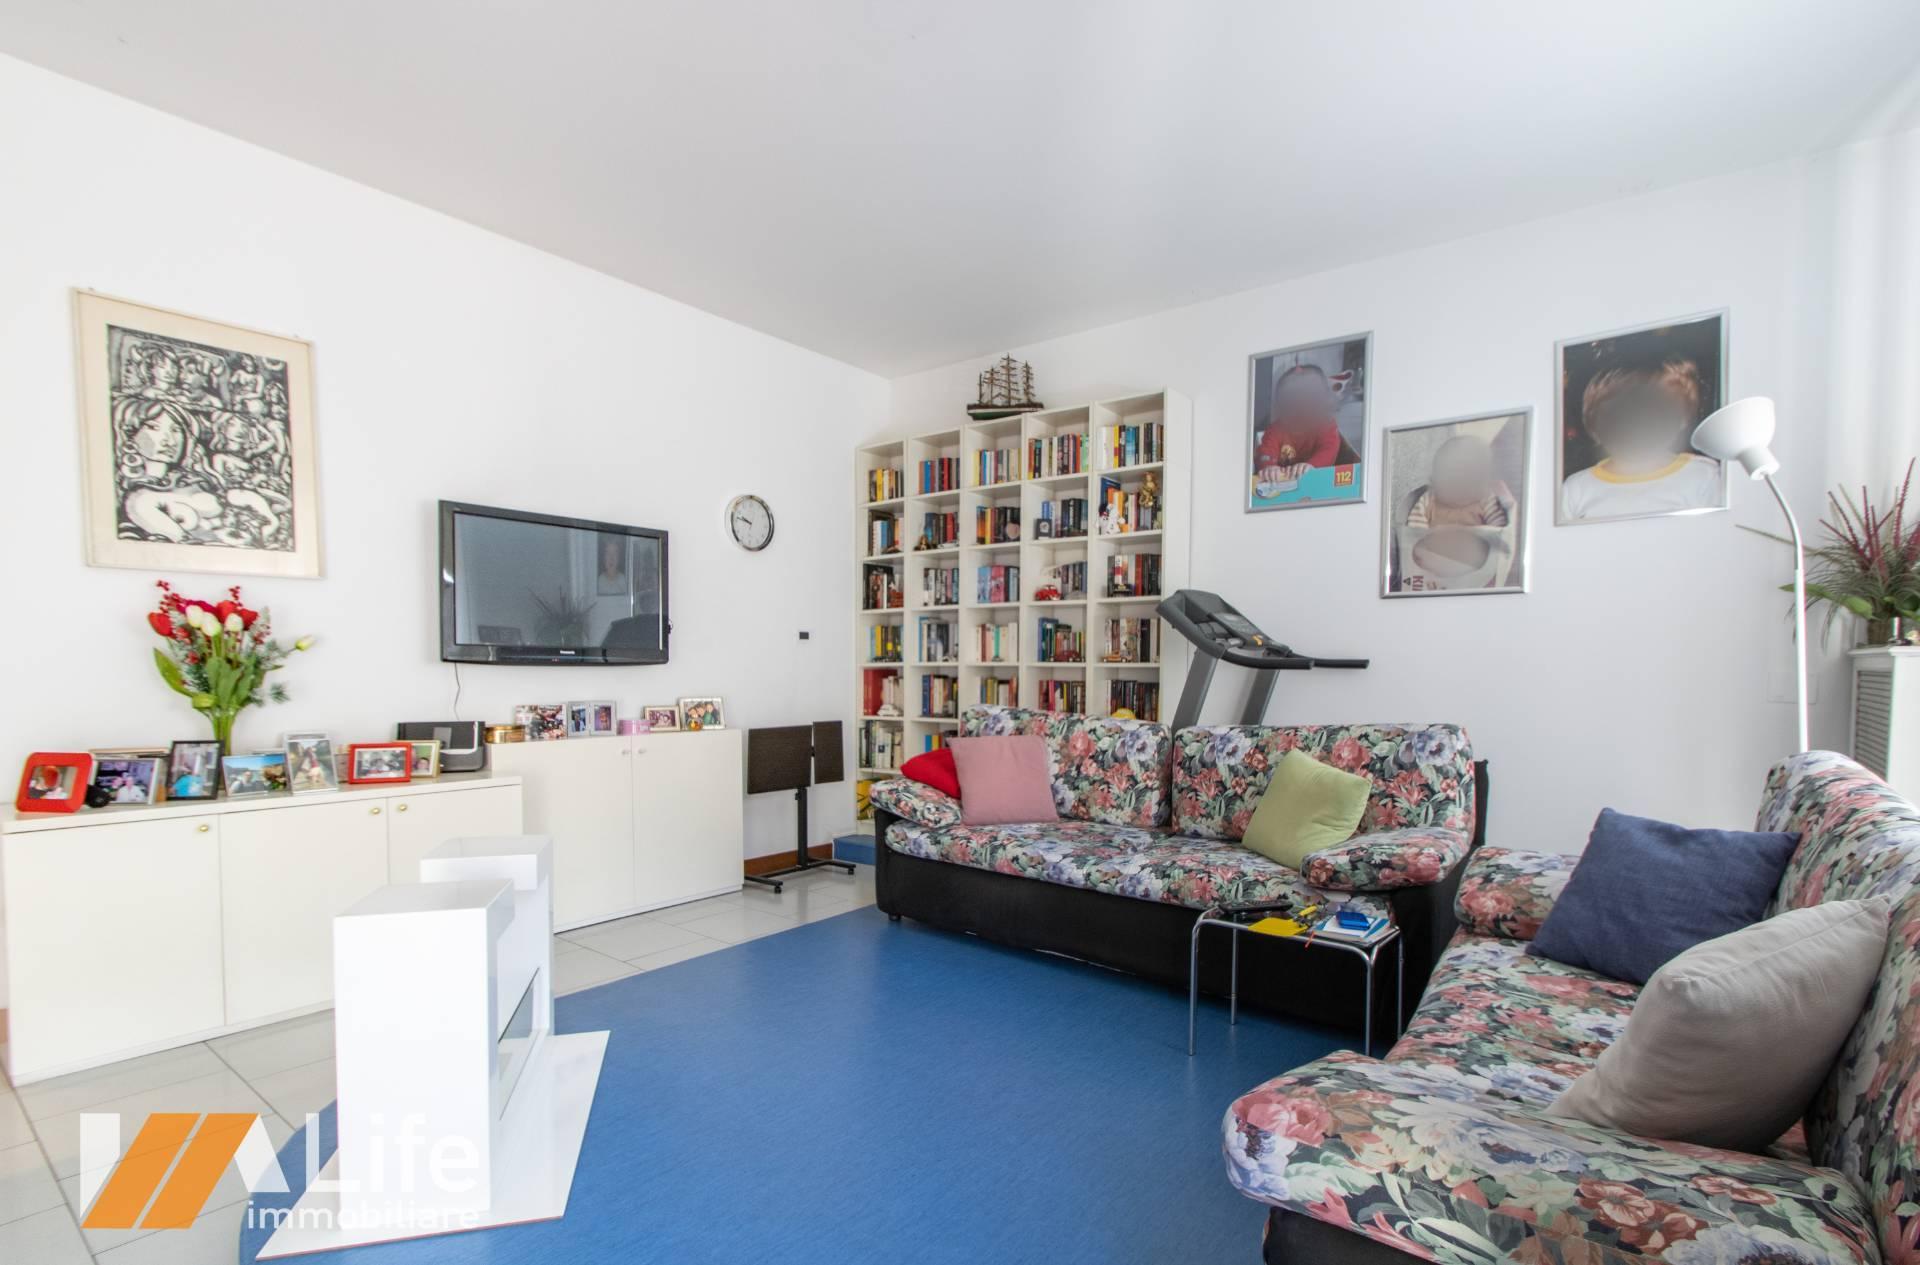 Appartamento VICENZA vendita  Centro storico  LIFE immobiliare